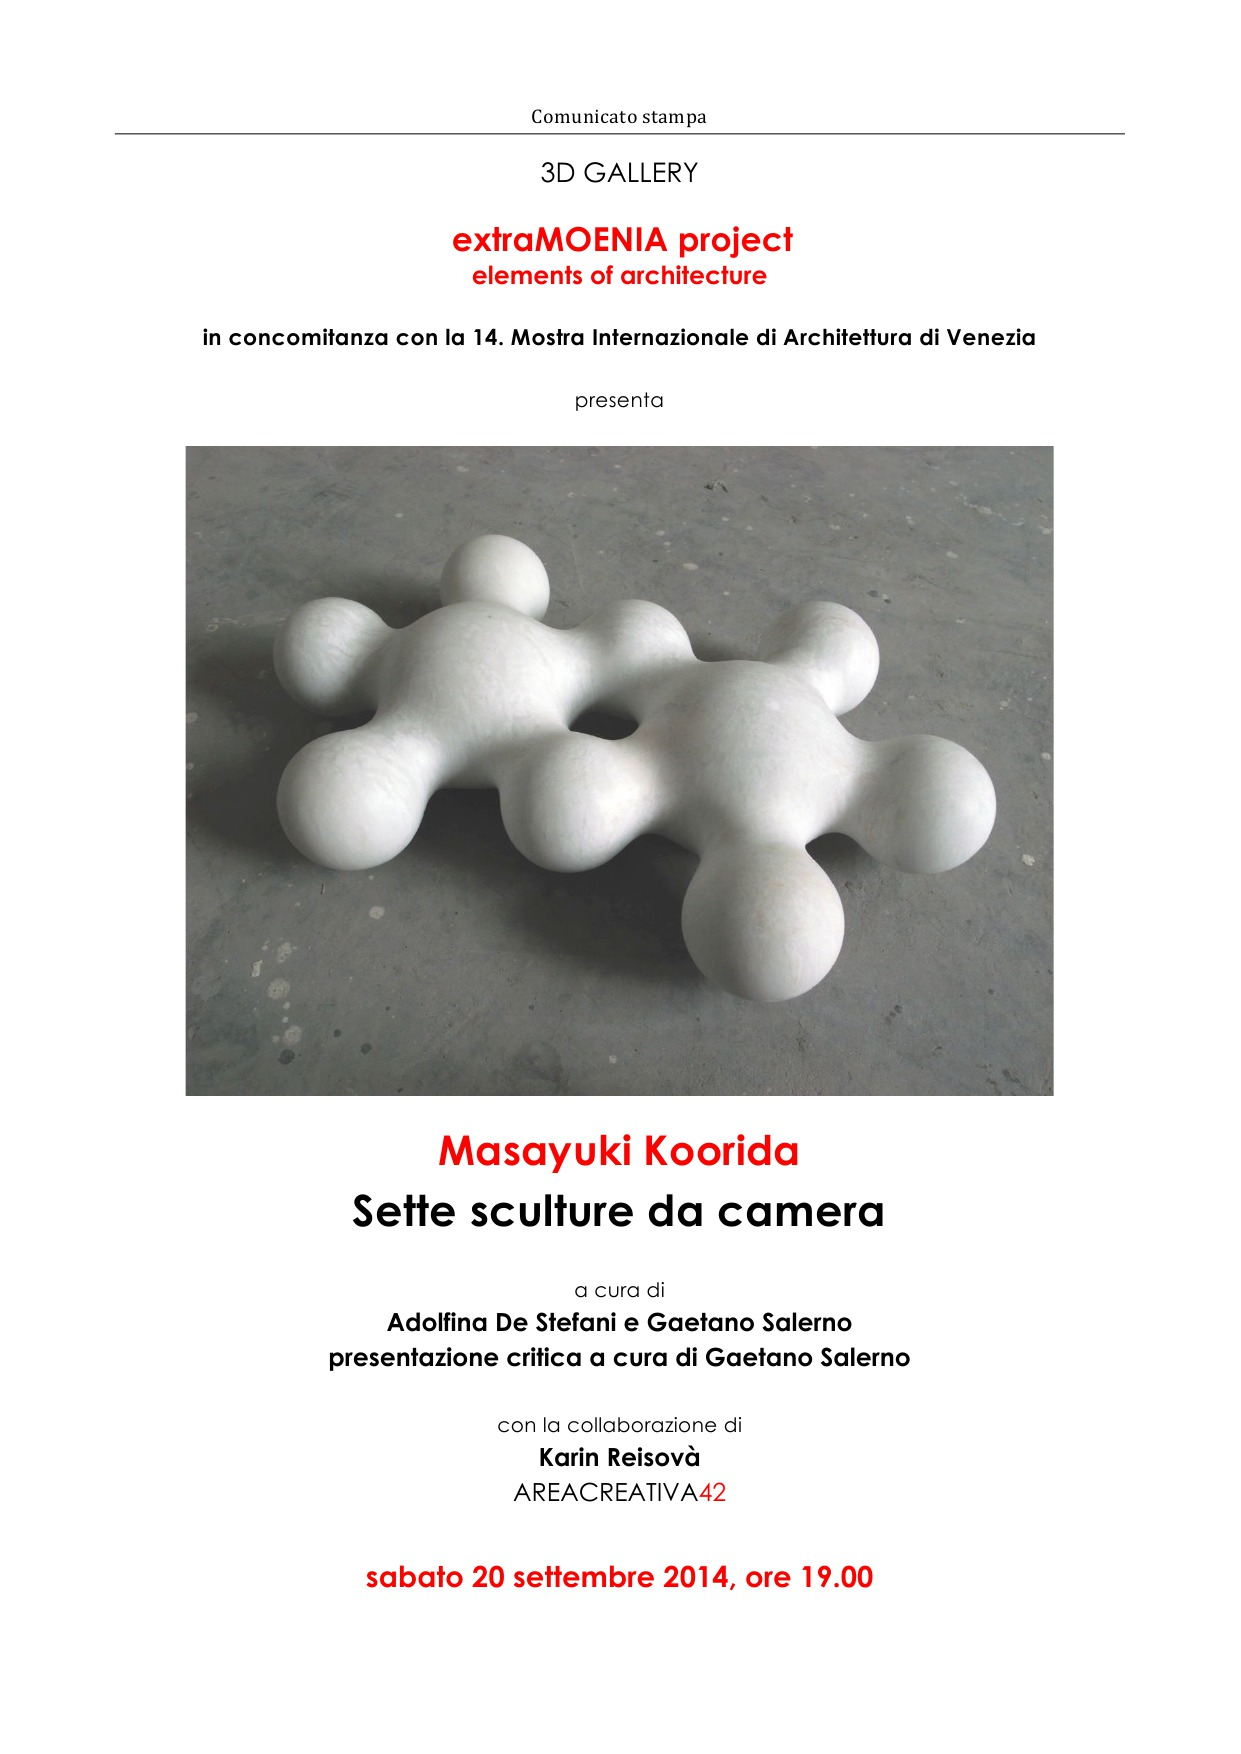 Venice: Masayuki Koorida, sette sculture da camera - 3D Gallery in Venice with the collaboration of Areacreativa42